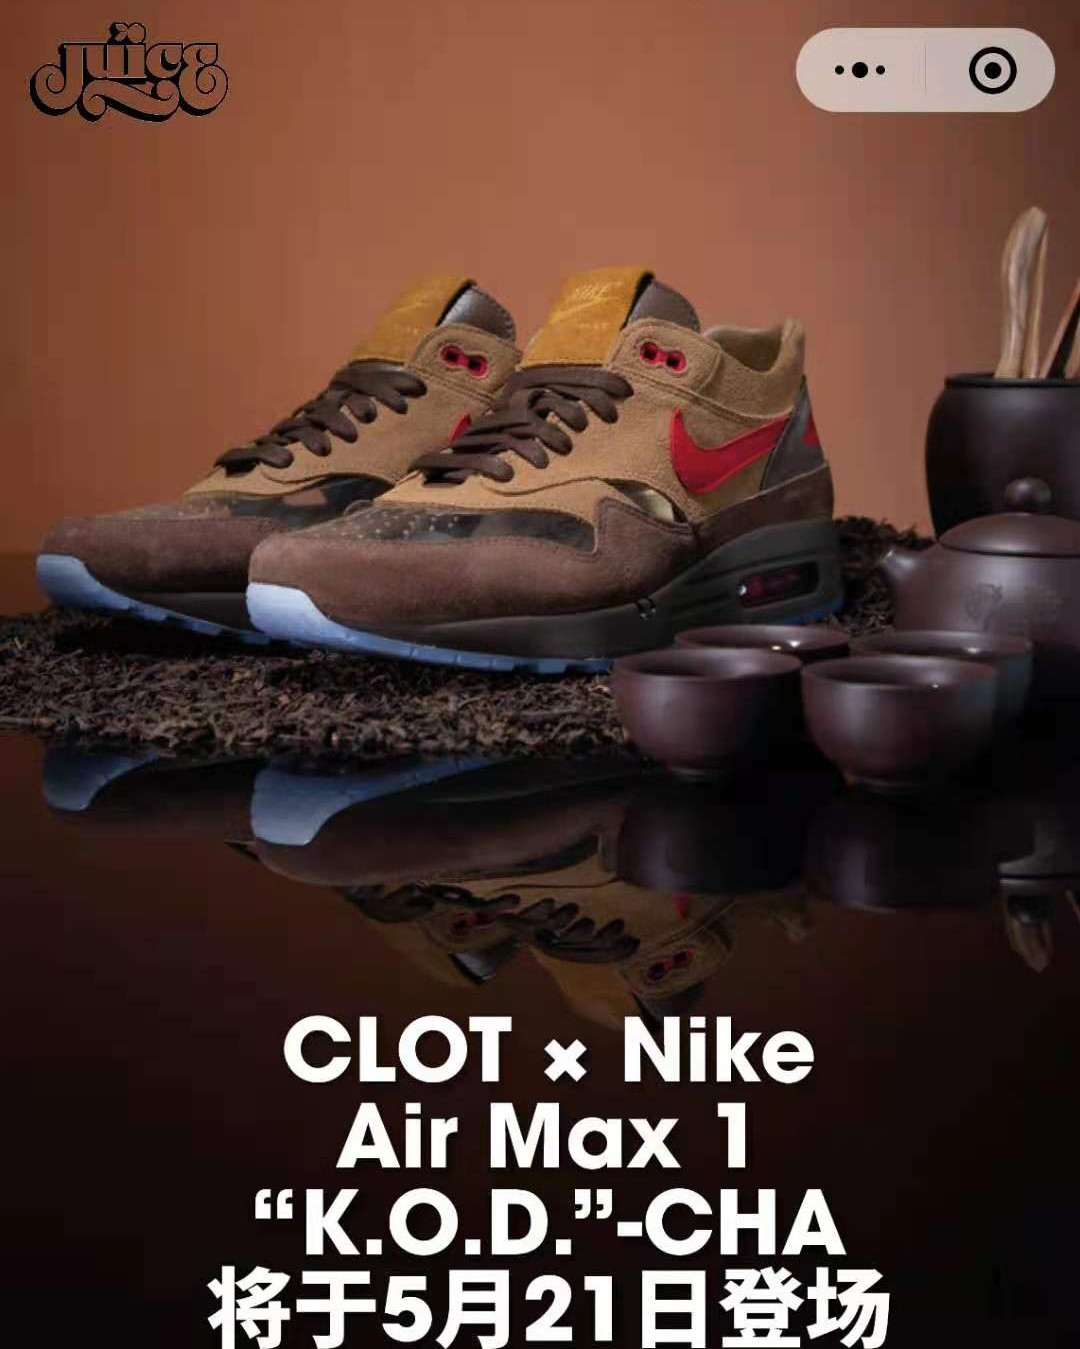 死亡之吻,CLOT,Air Max 1,发售,明星  冠希力挺!詹姆斯穿的联名新鞋今天发售!先到先得!